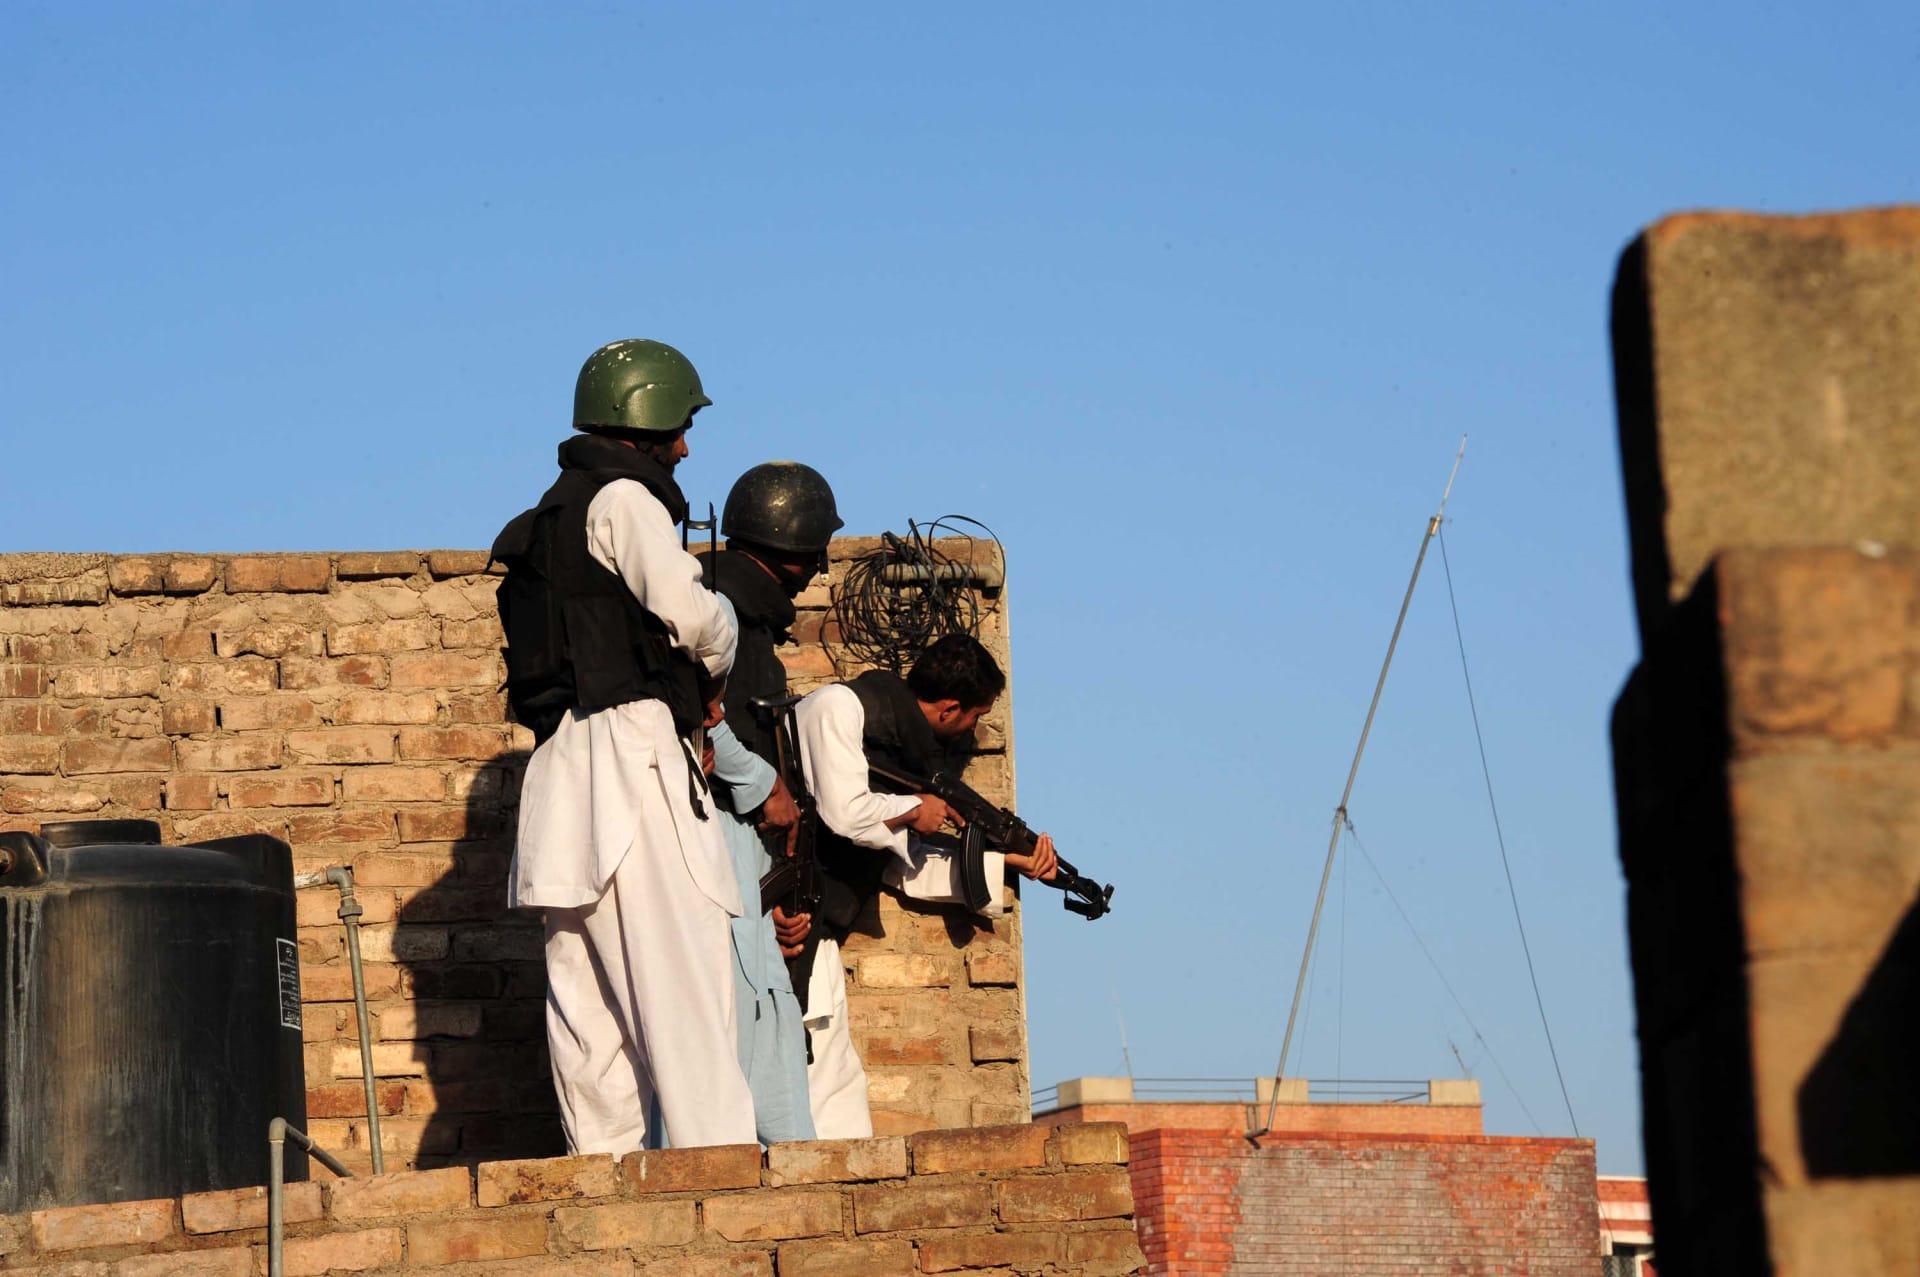 طالبان الباكستانية تنفي مبايعة خليفة داعش: بياننا حض الفصائل الجهادية بسوريا على الوحدة